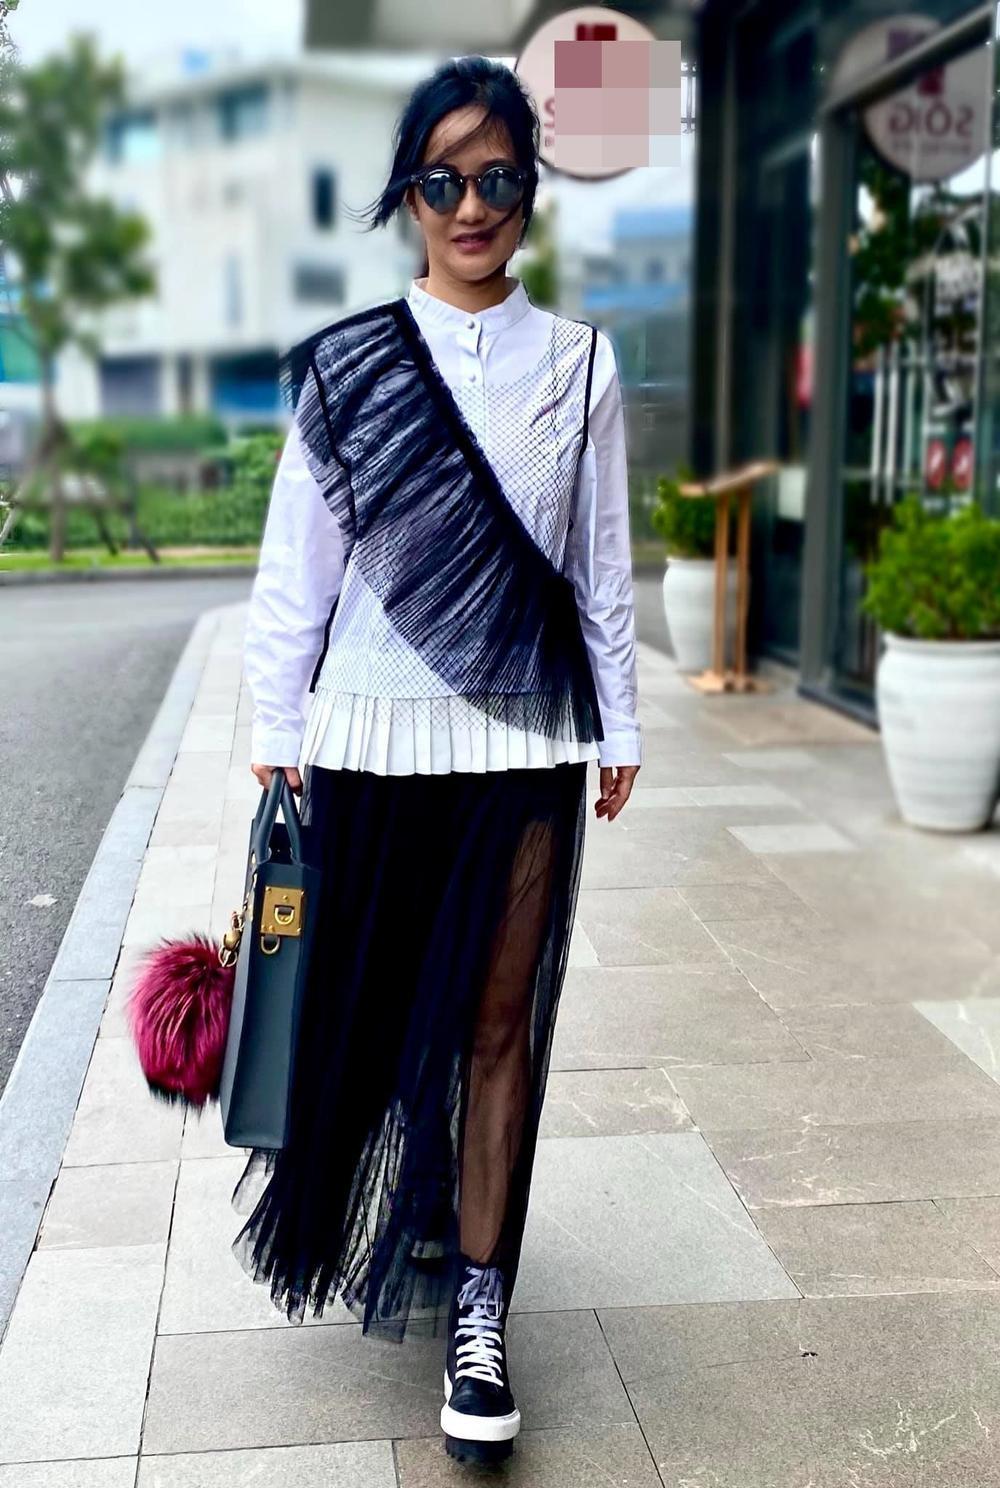 Diva Hồng Nhung 'cưa sừng làm nghé' với style giấu quần, khoe đôi chân nuột không cần photoshop Ảnh 6